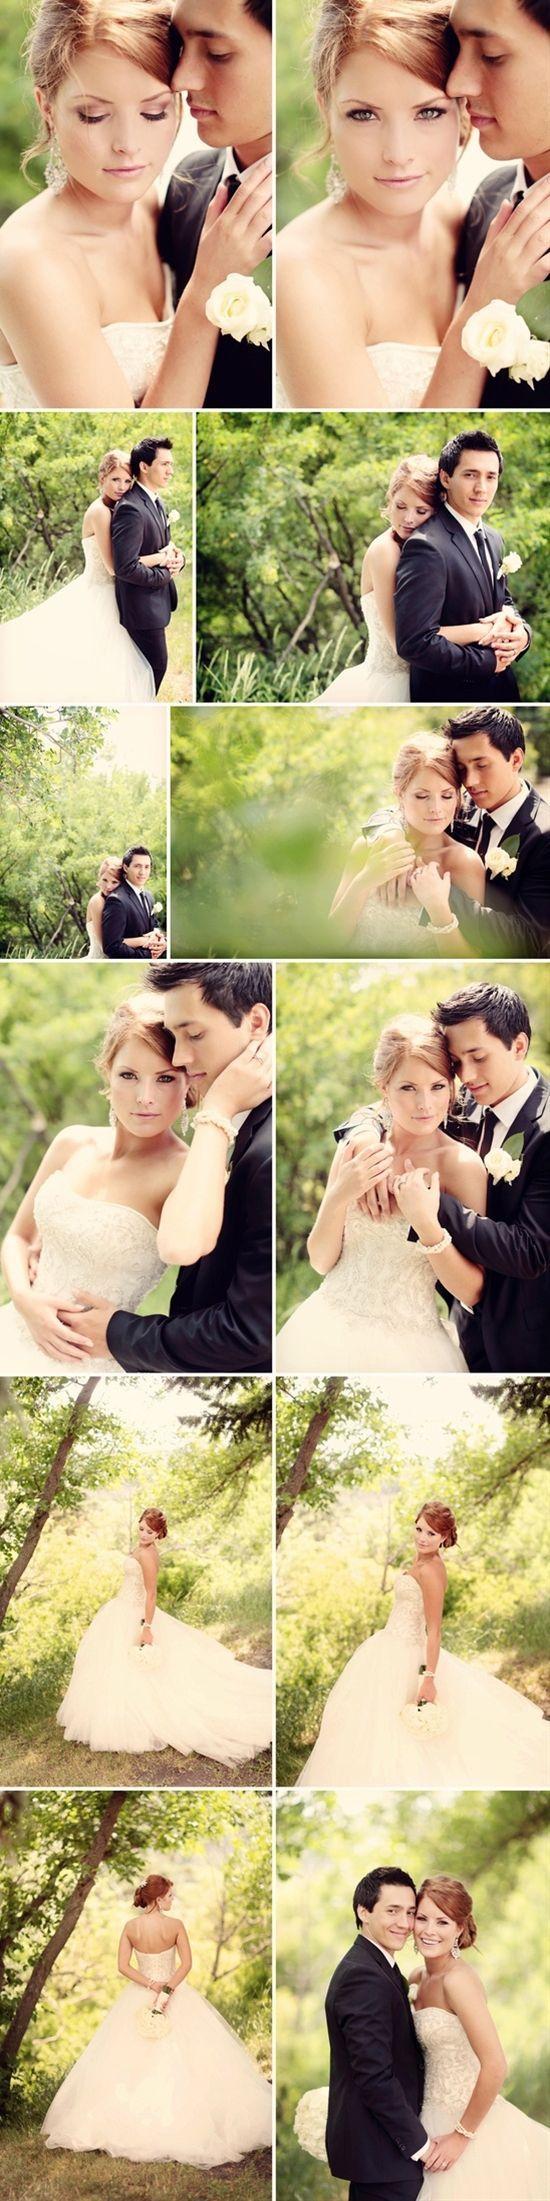 Edmonton Marriage ceremony Photographer Weblog